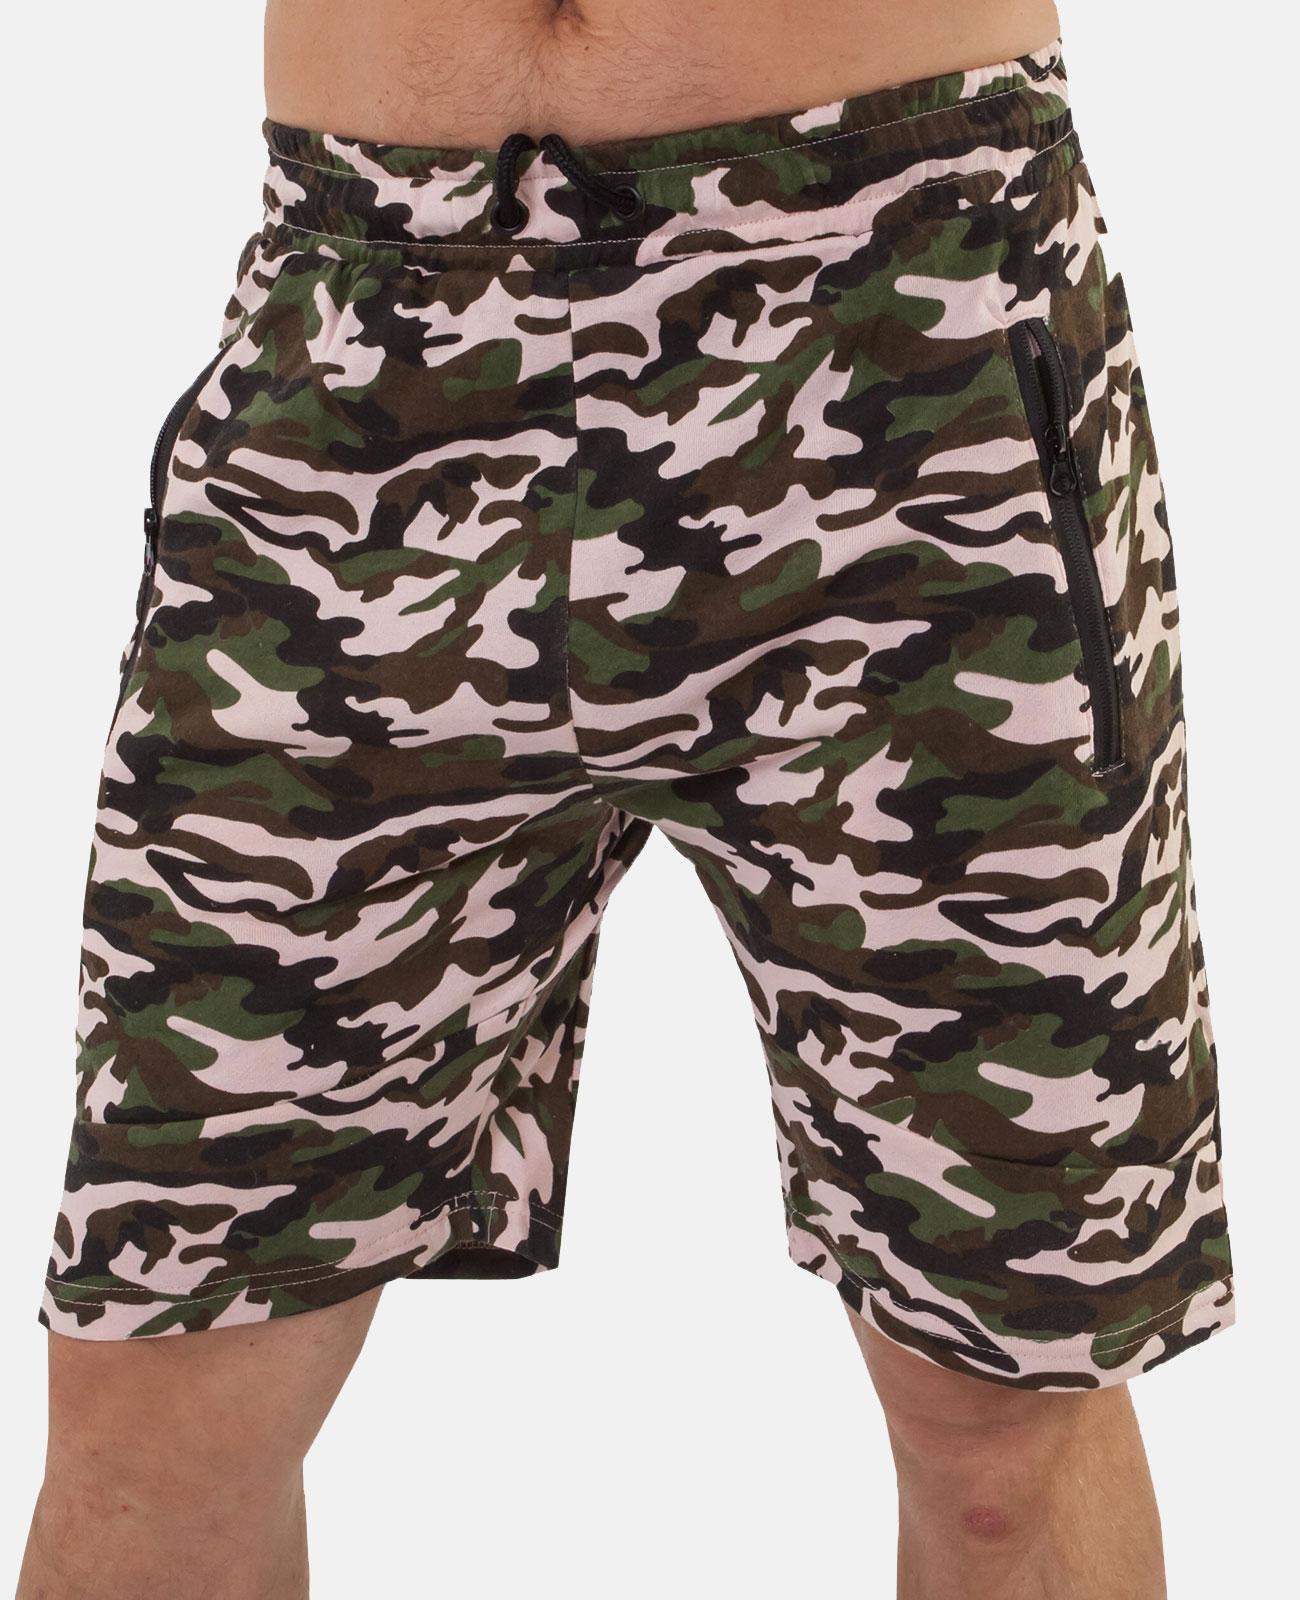 Купить в Москве недорогие мужские шорты New York Athletics